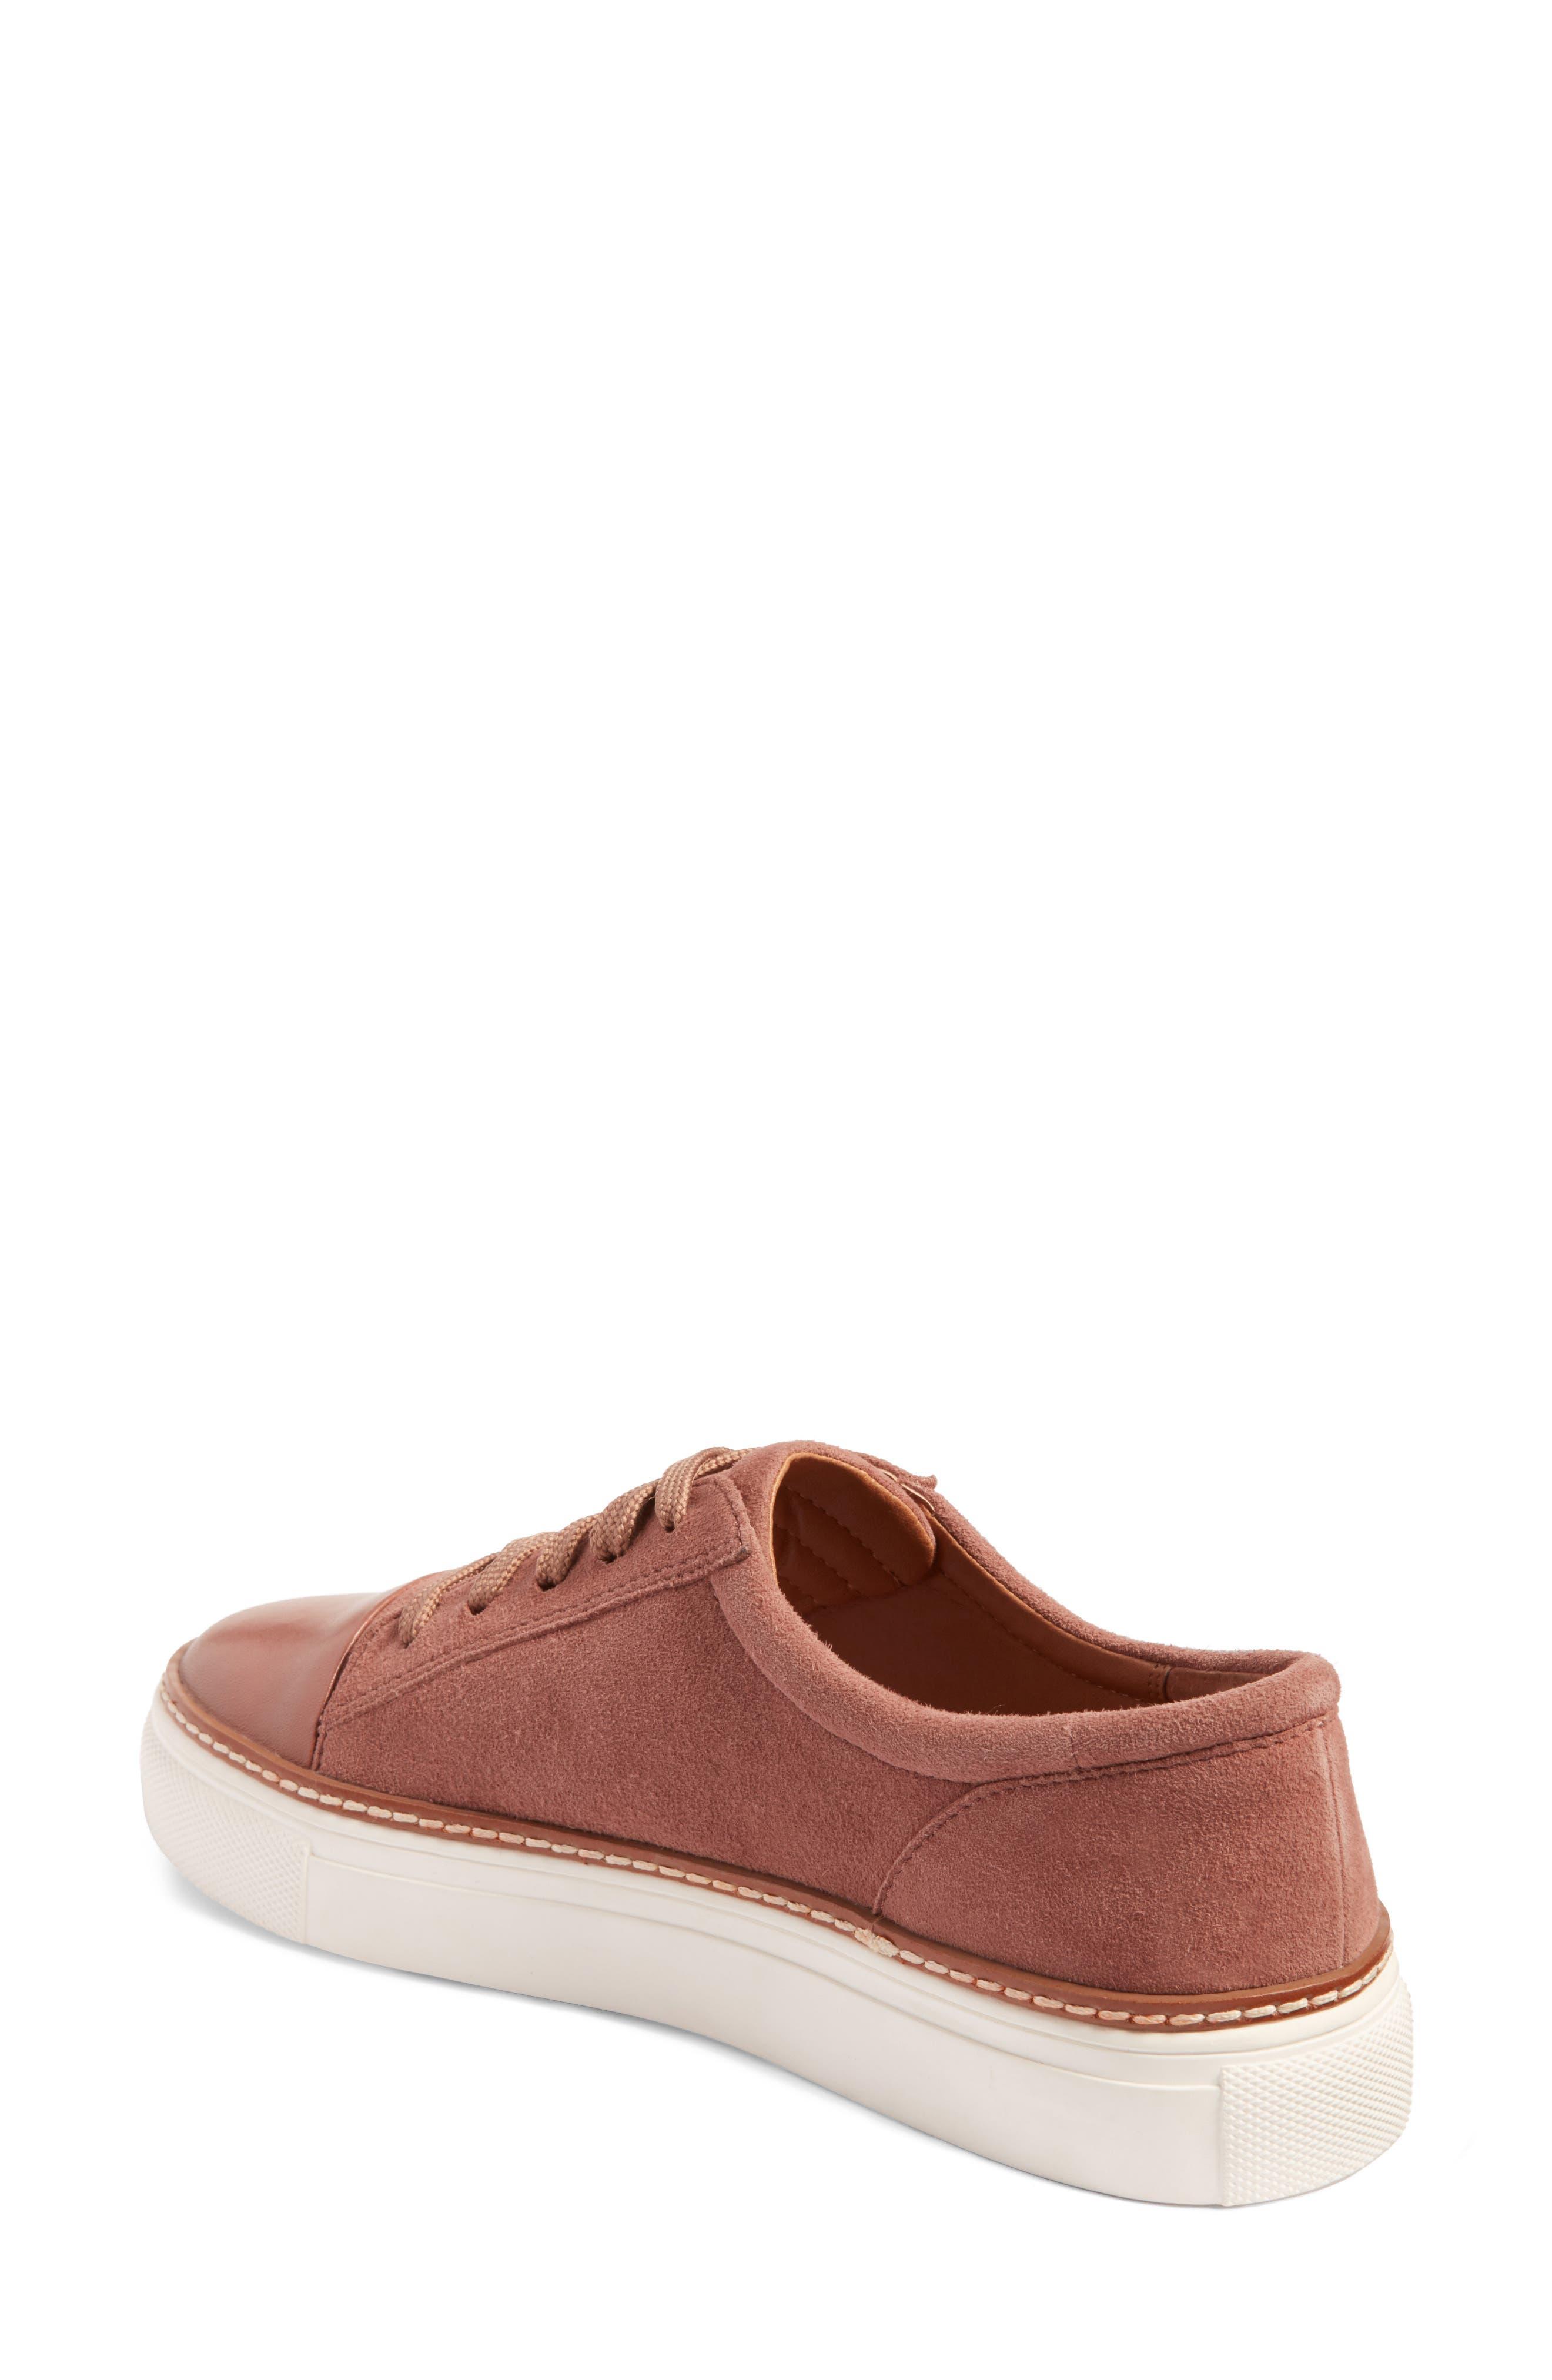 Camden Sneaker,                             Alternate thumbnail 6, color,